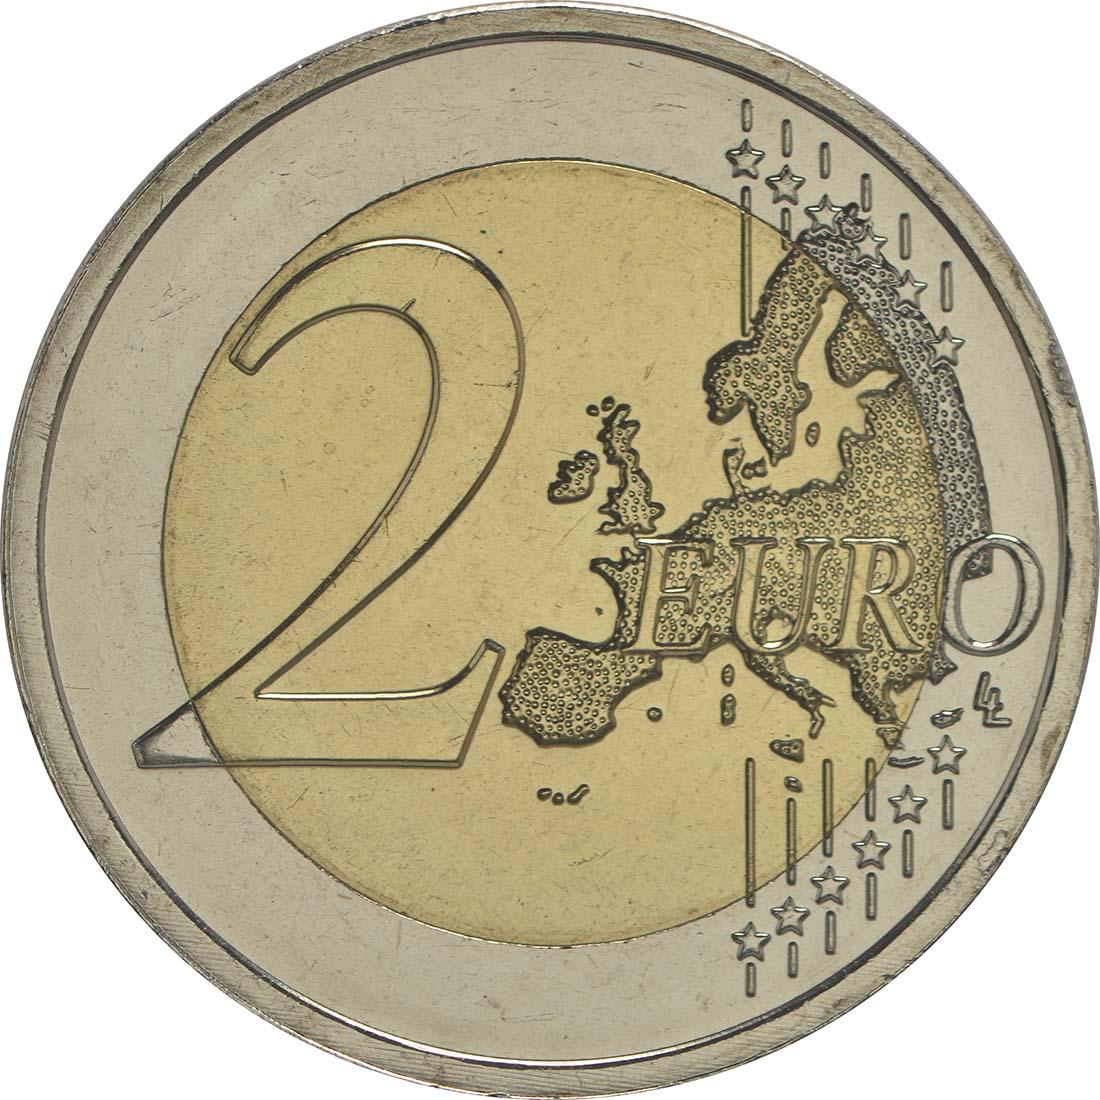 Bild der Vorderseite :Niederlande - 2 Euro 30 Jahre Europäische Flagge  2015 bfr